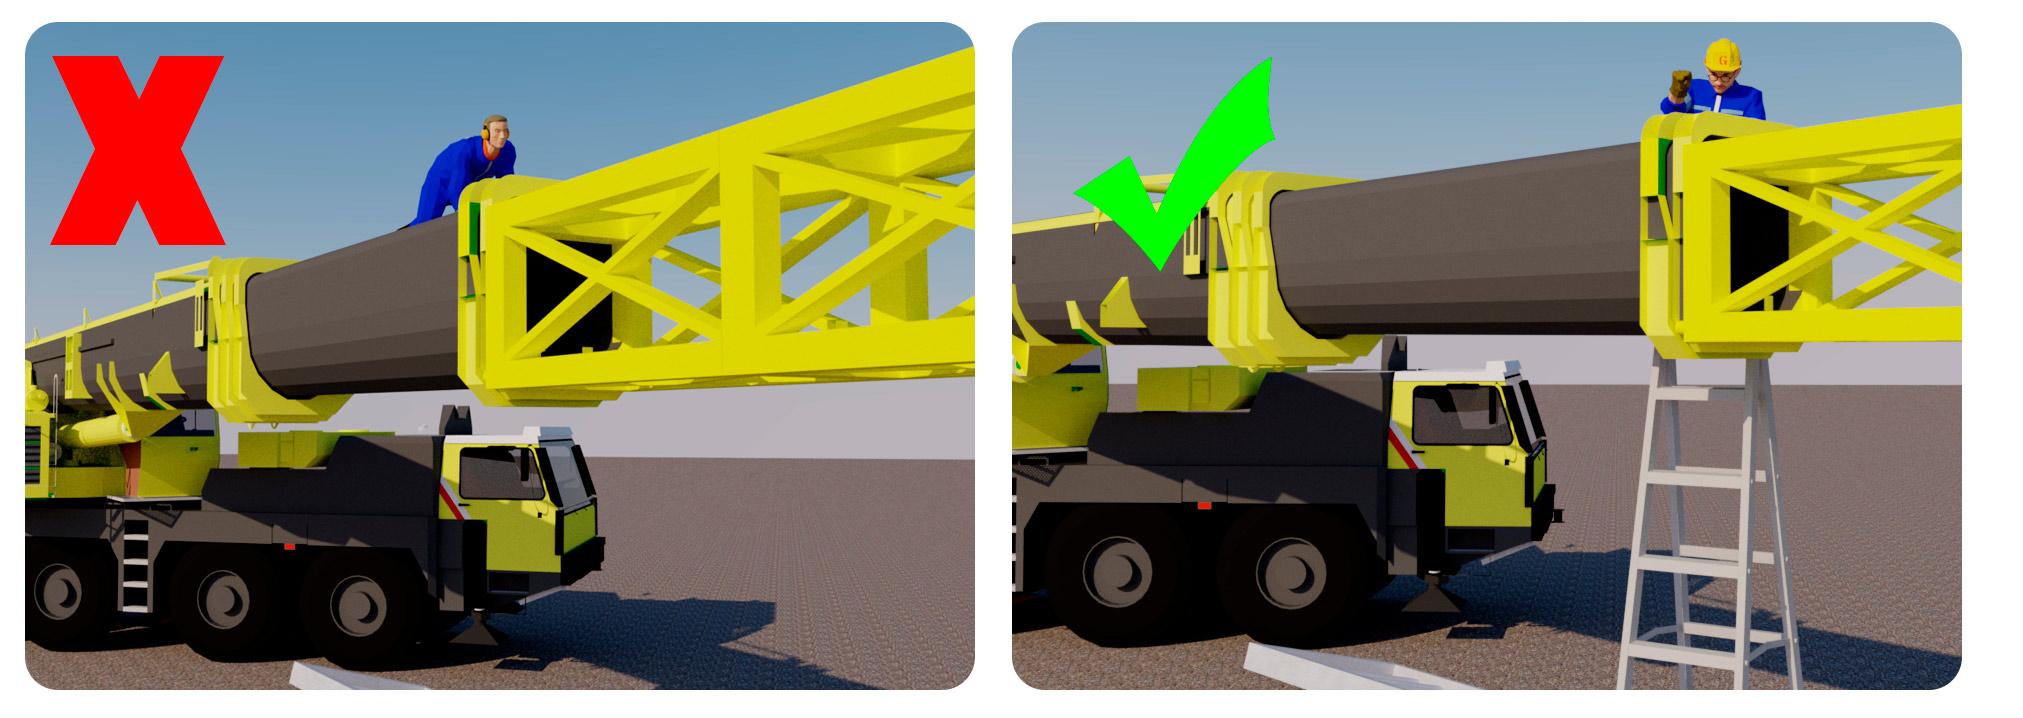 Vasemman puoleisessa kuvassa havainnollistettu kuljettajan sijaintia ennen putoamista. Oikealla havainnollistettu turvallista valmistajan ohjeiden mukaista työmenetelmää, jossa kuljettaja on a-tikkaiden päällä kiinnittämässä puomin jatketta.